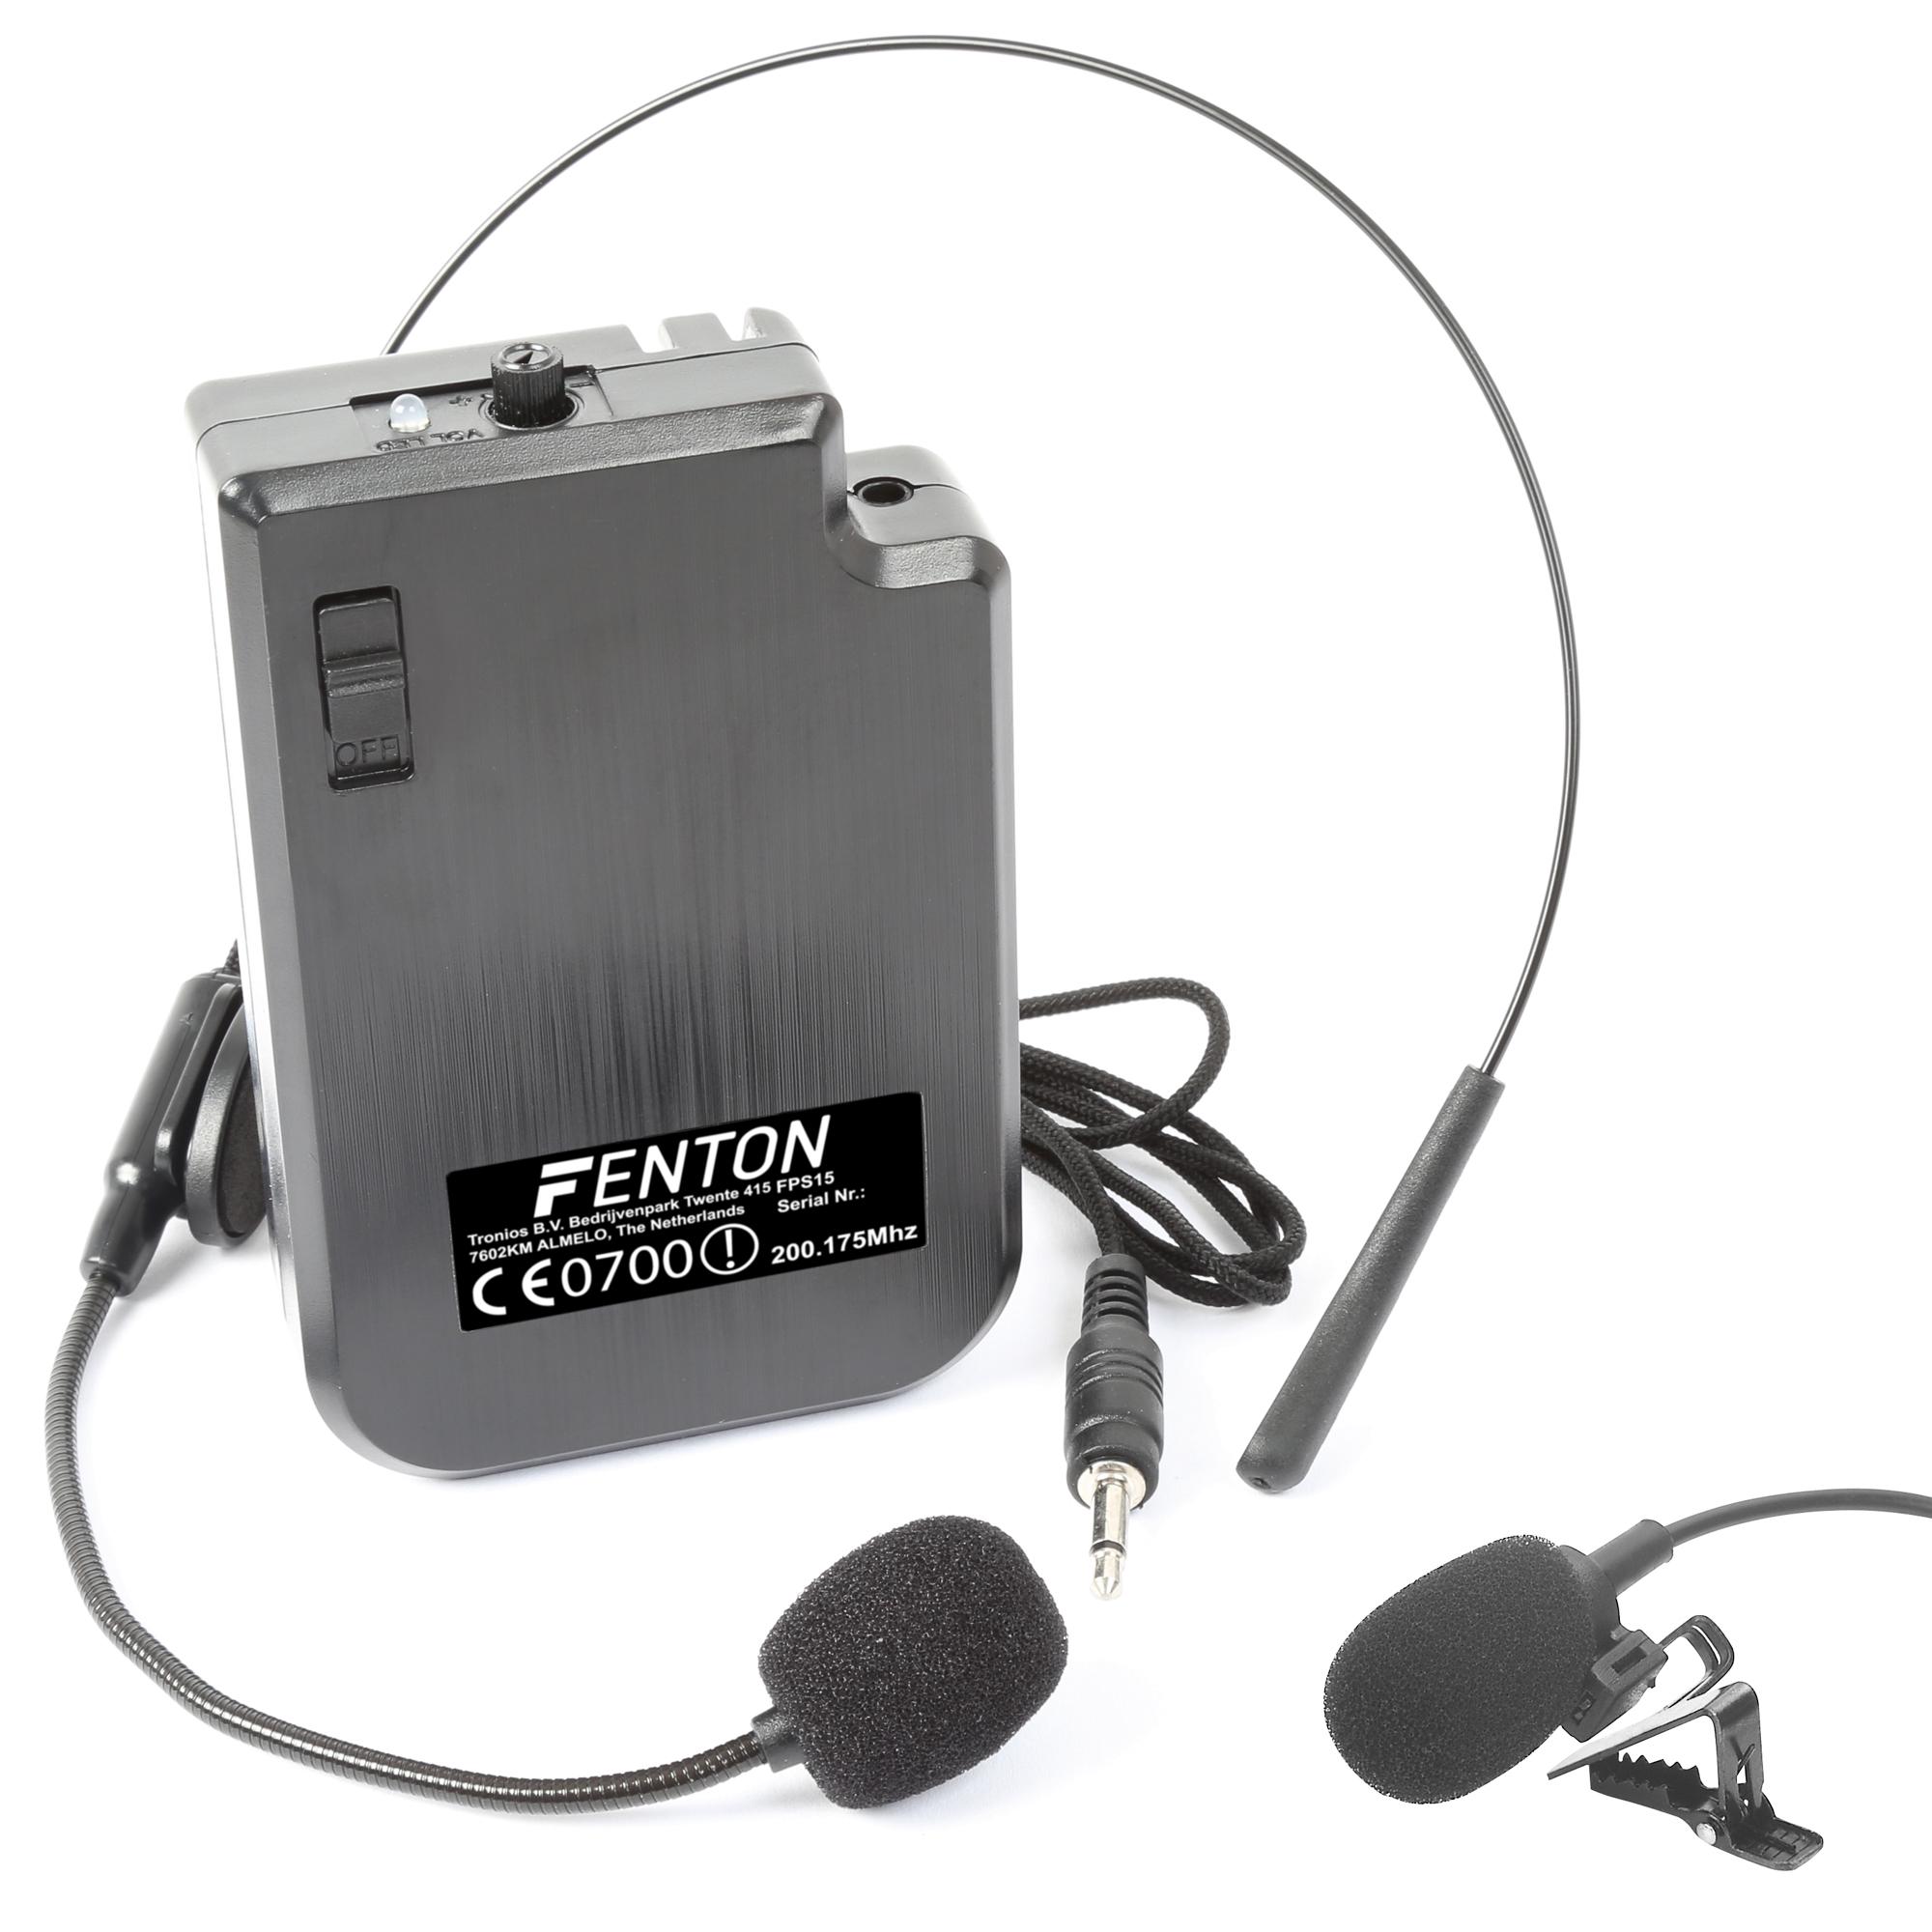 Fenton VHF náhlavní a klopová mikrofonní sada, 200.175 MHz